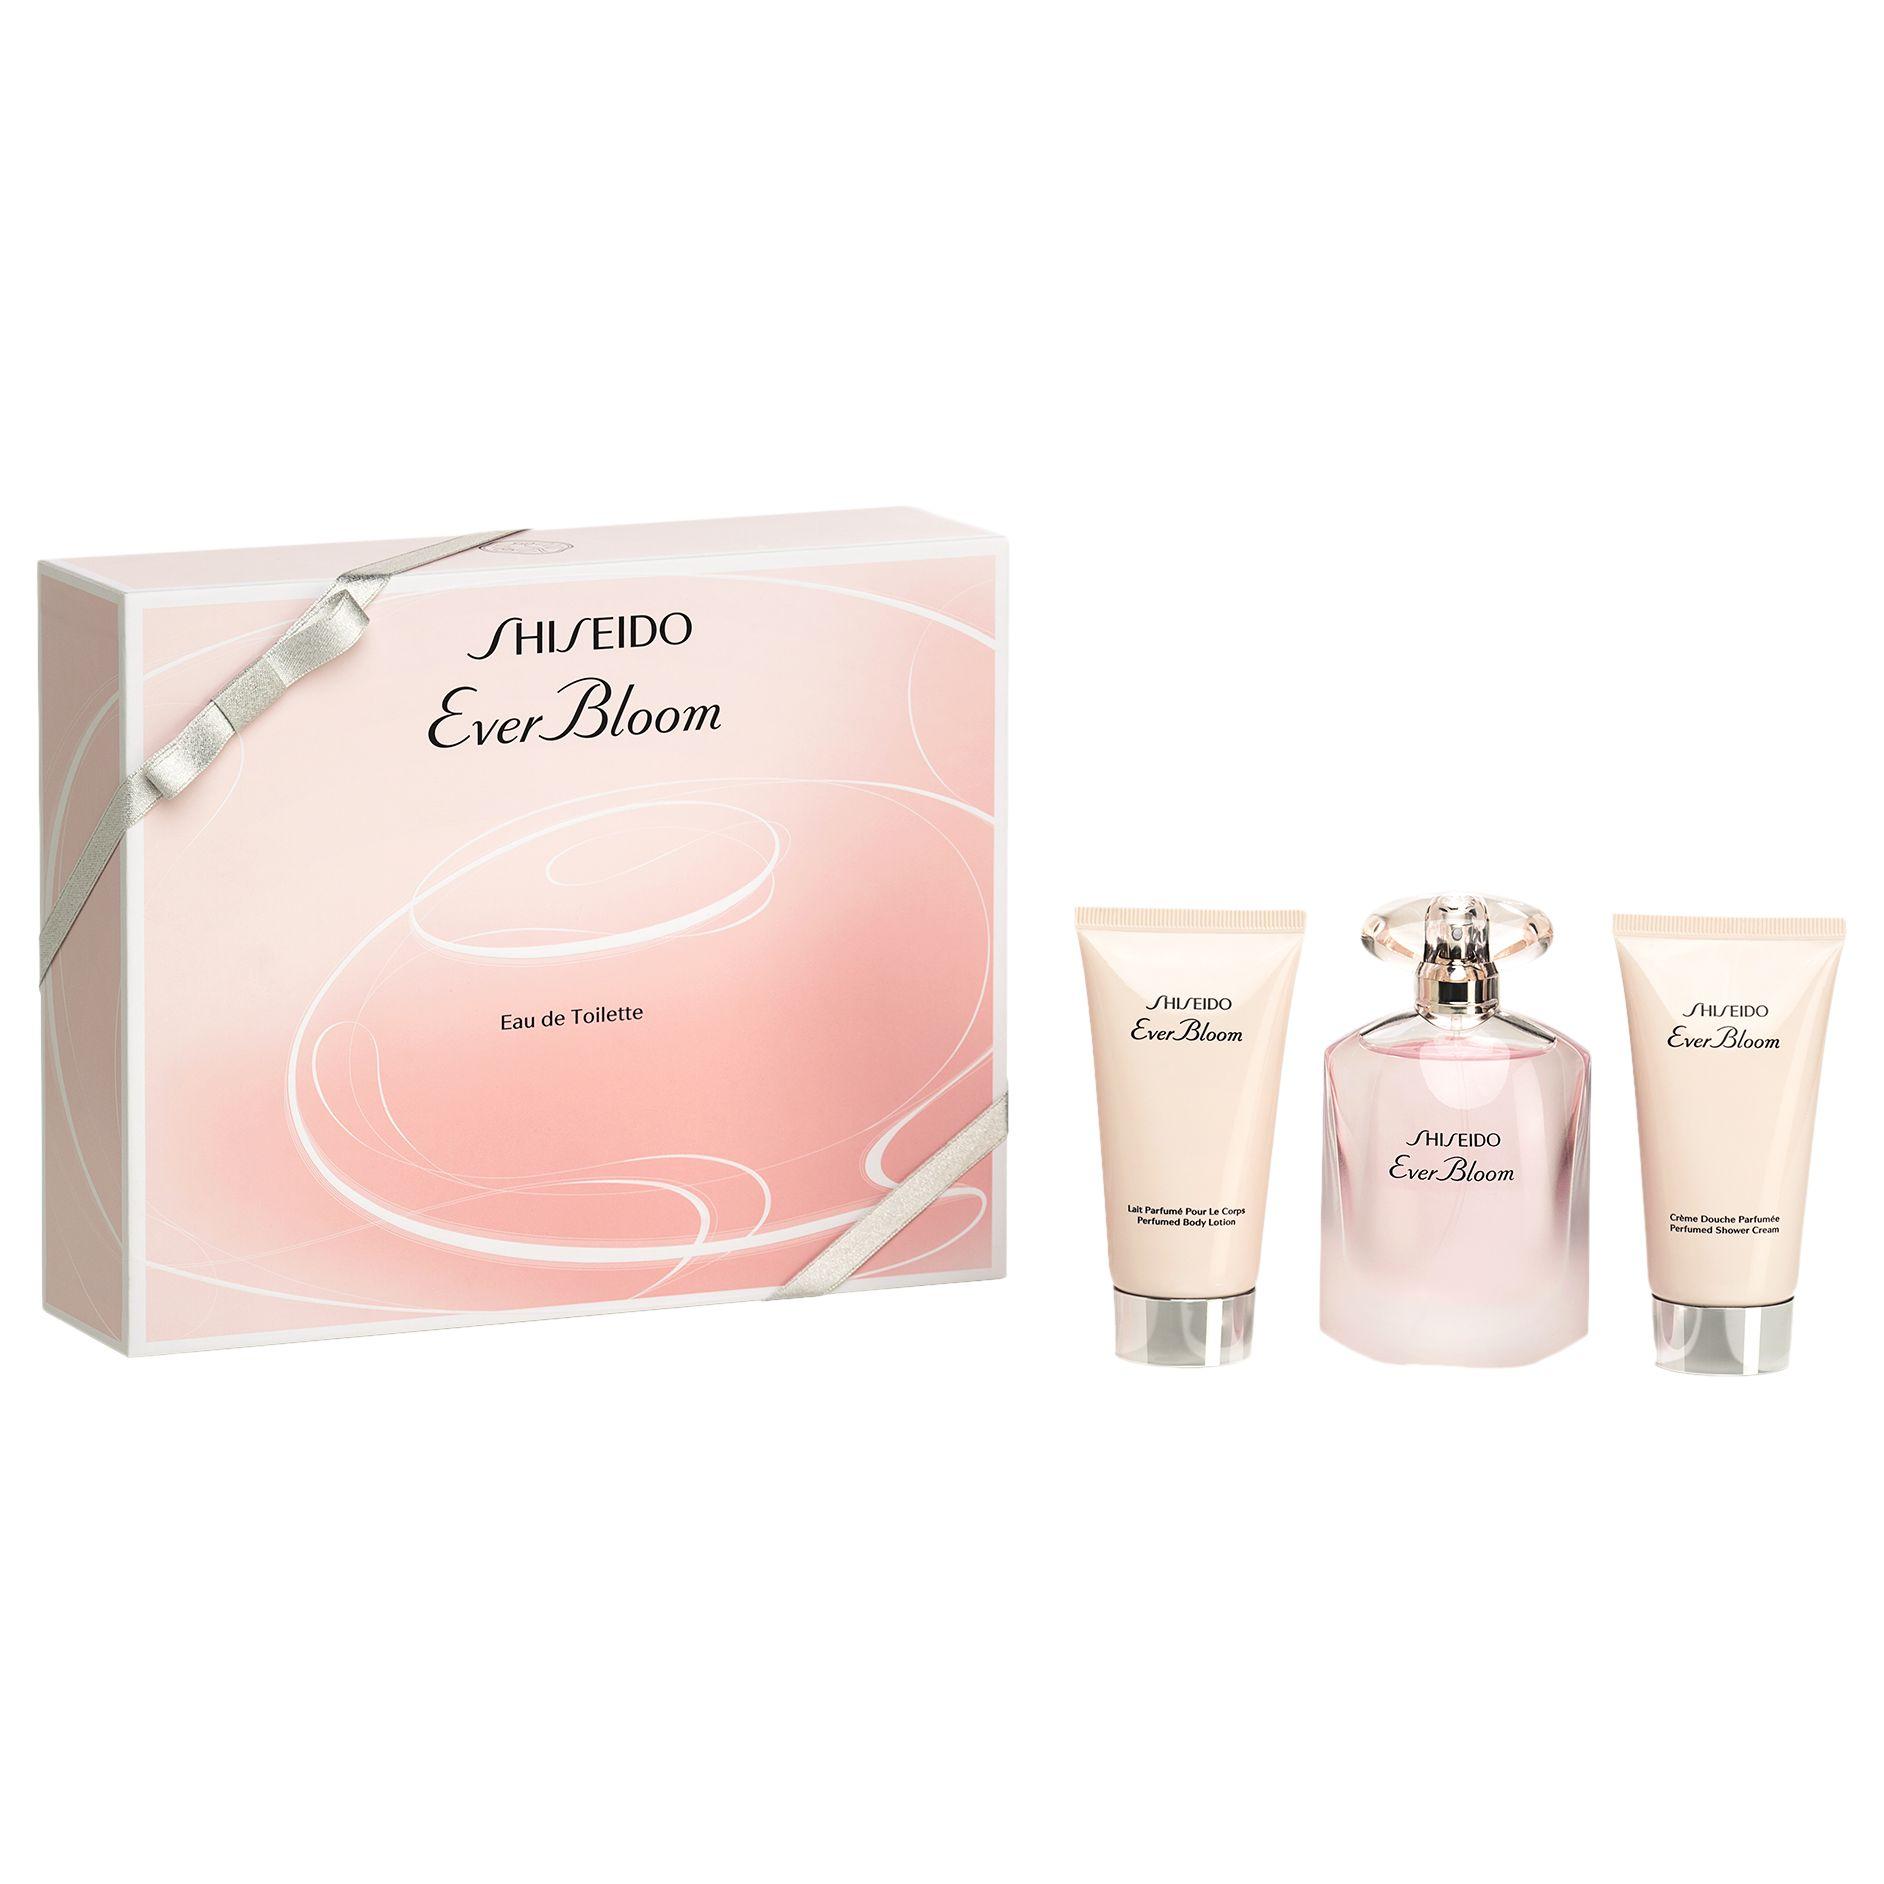 Shiseido Shiseido Ever Bloom 50ml Eau de Toilette Fragrance Gift Set